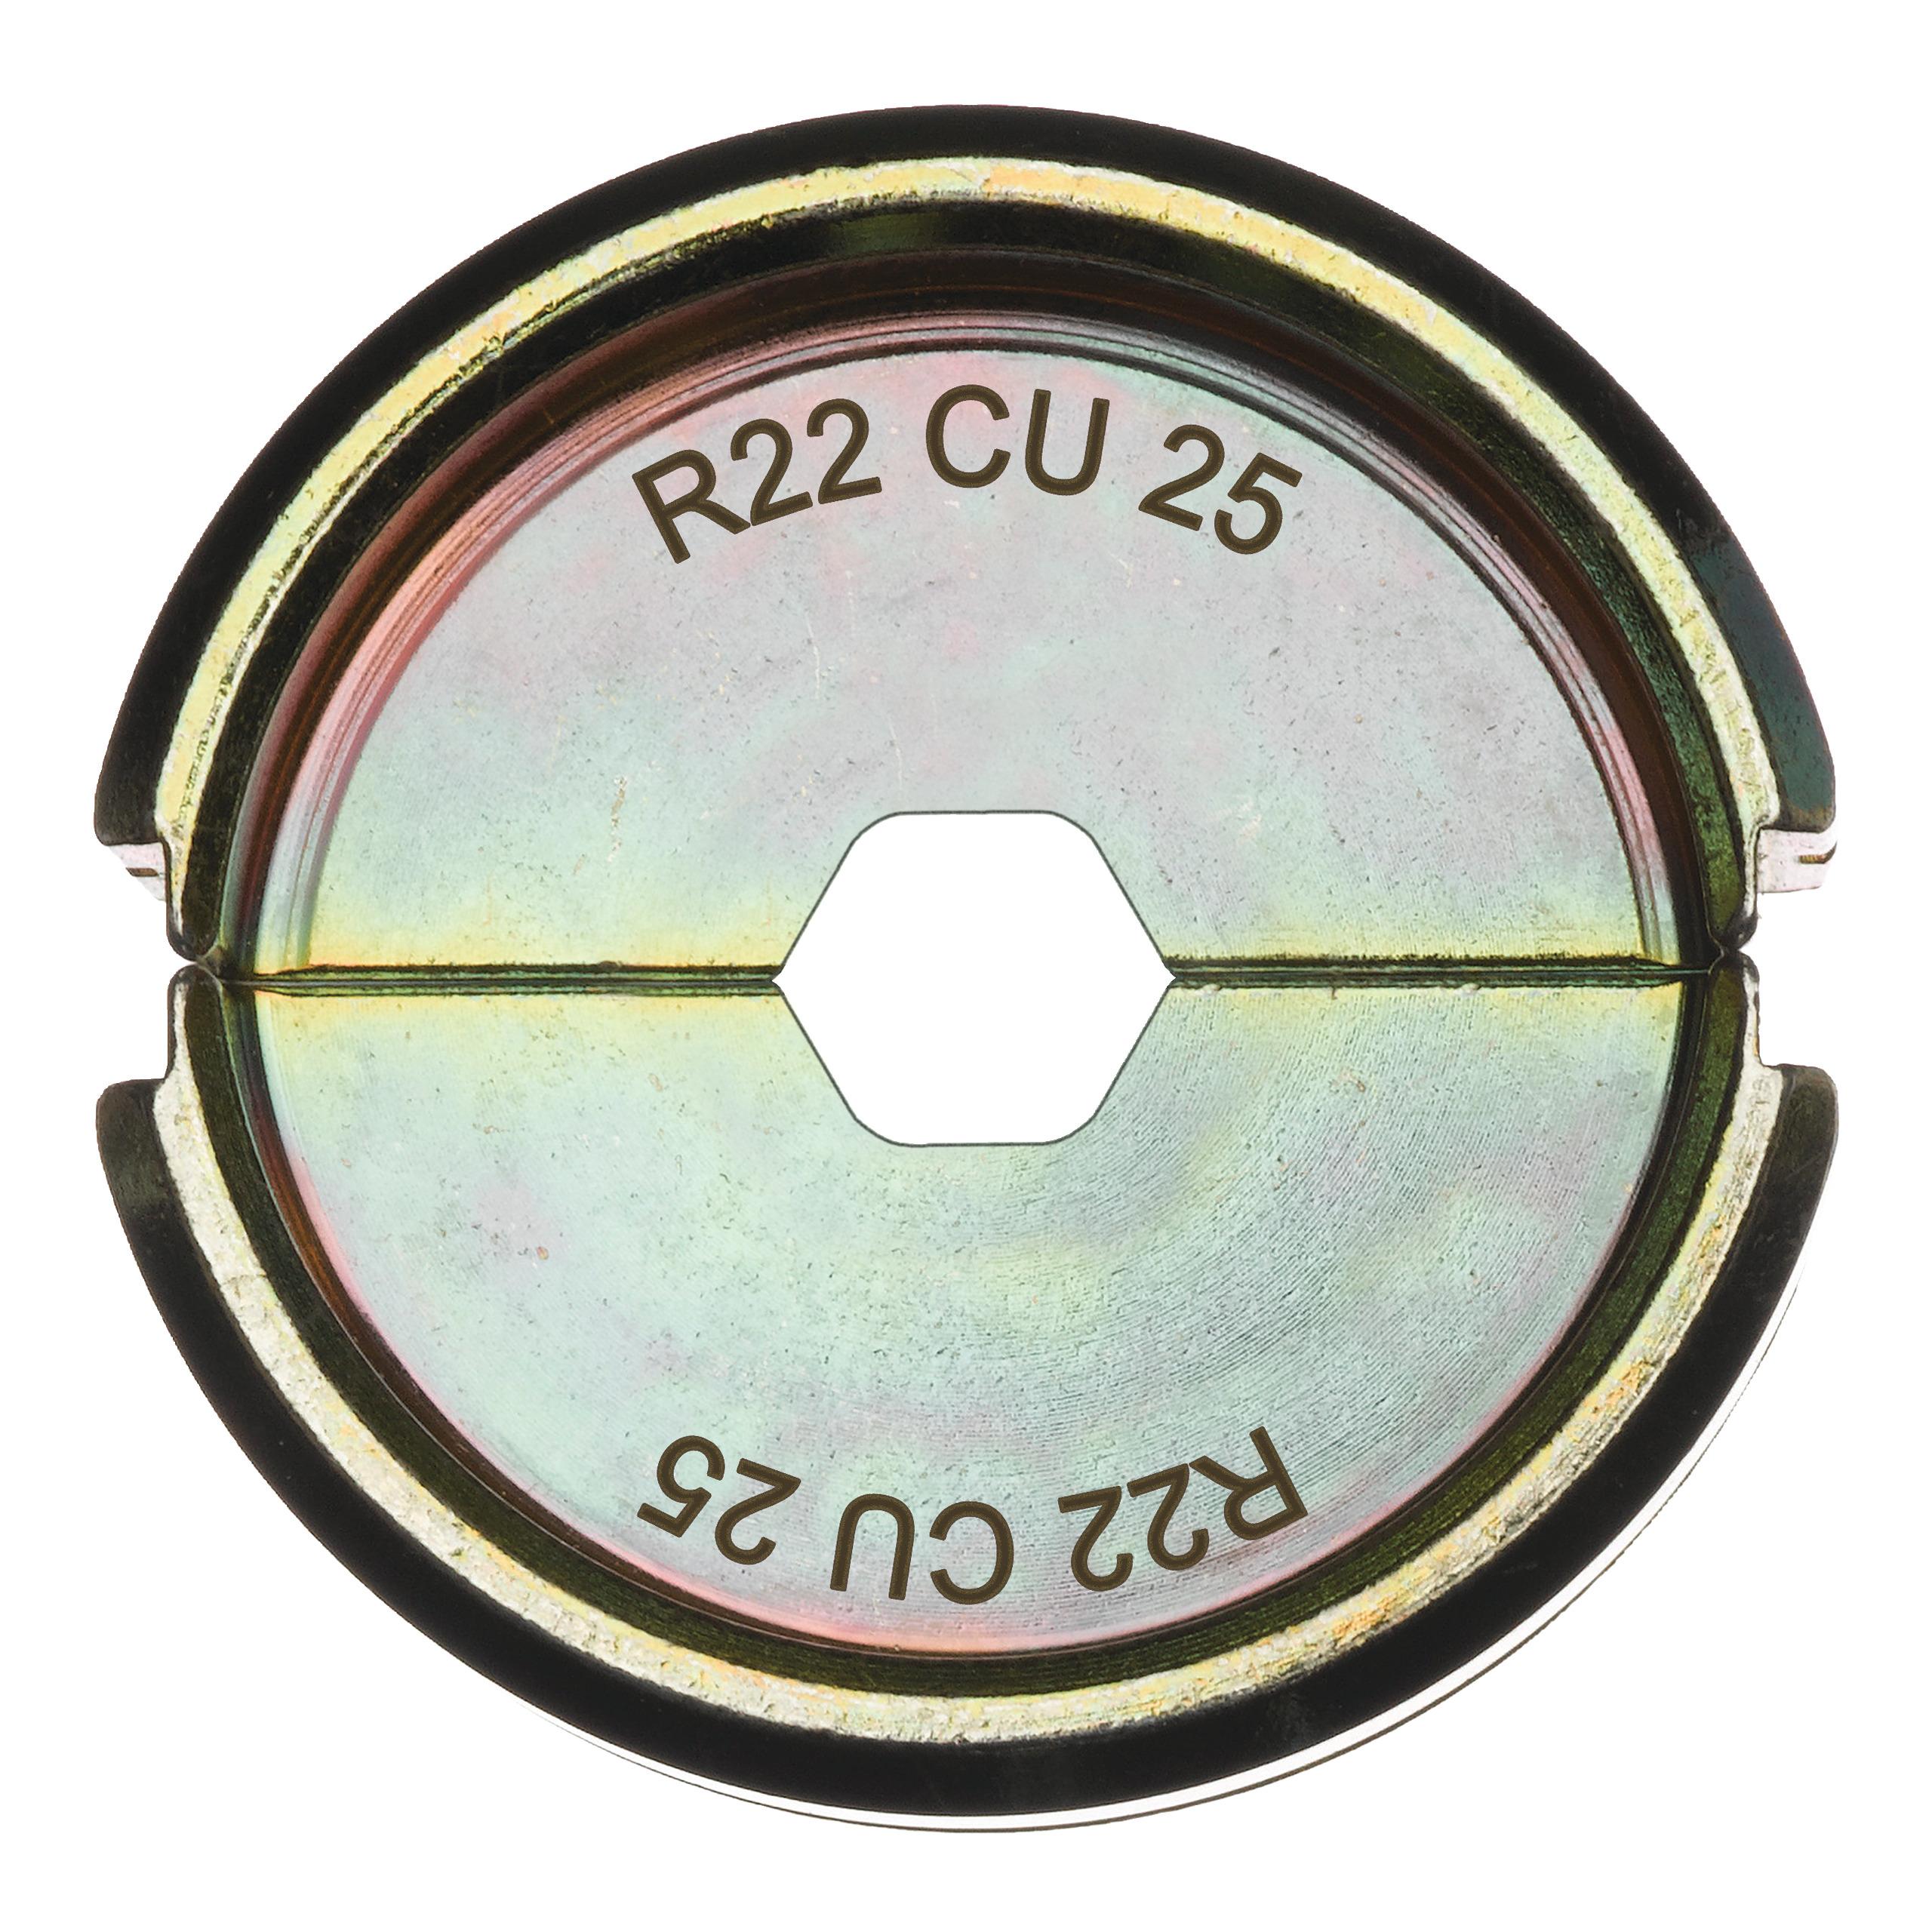 Krimpovací čelisti  R22 Cu 25